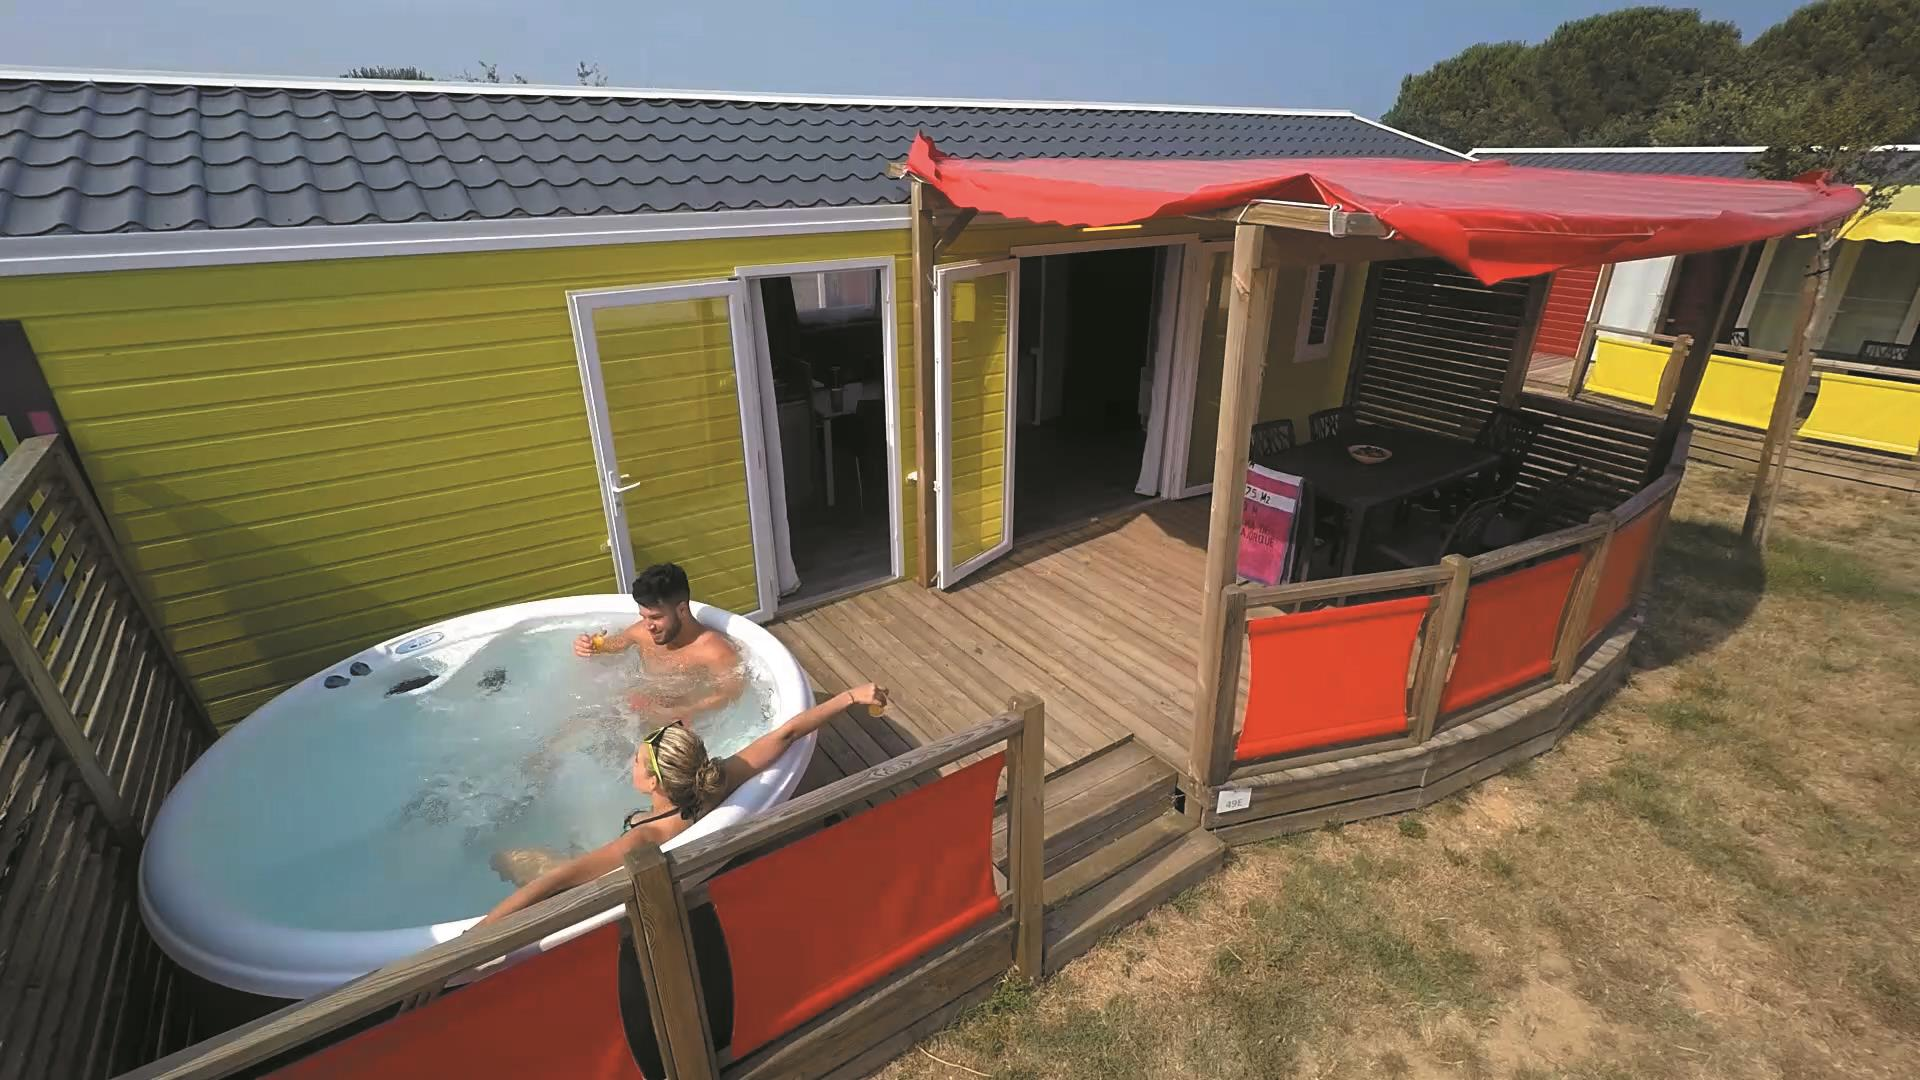 Location - Gamme Duo Premium Plus 32 M2 2 Chambres/2 Salles De Bain Avec Jacuzzi - Camping Les Albères